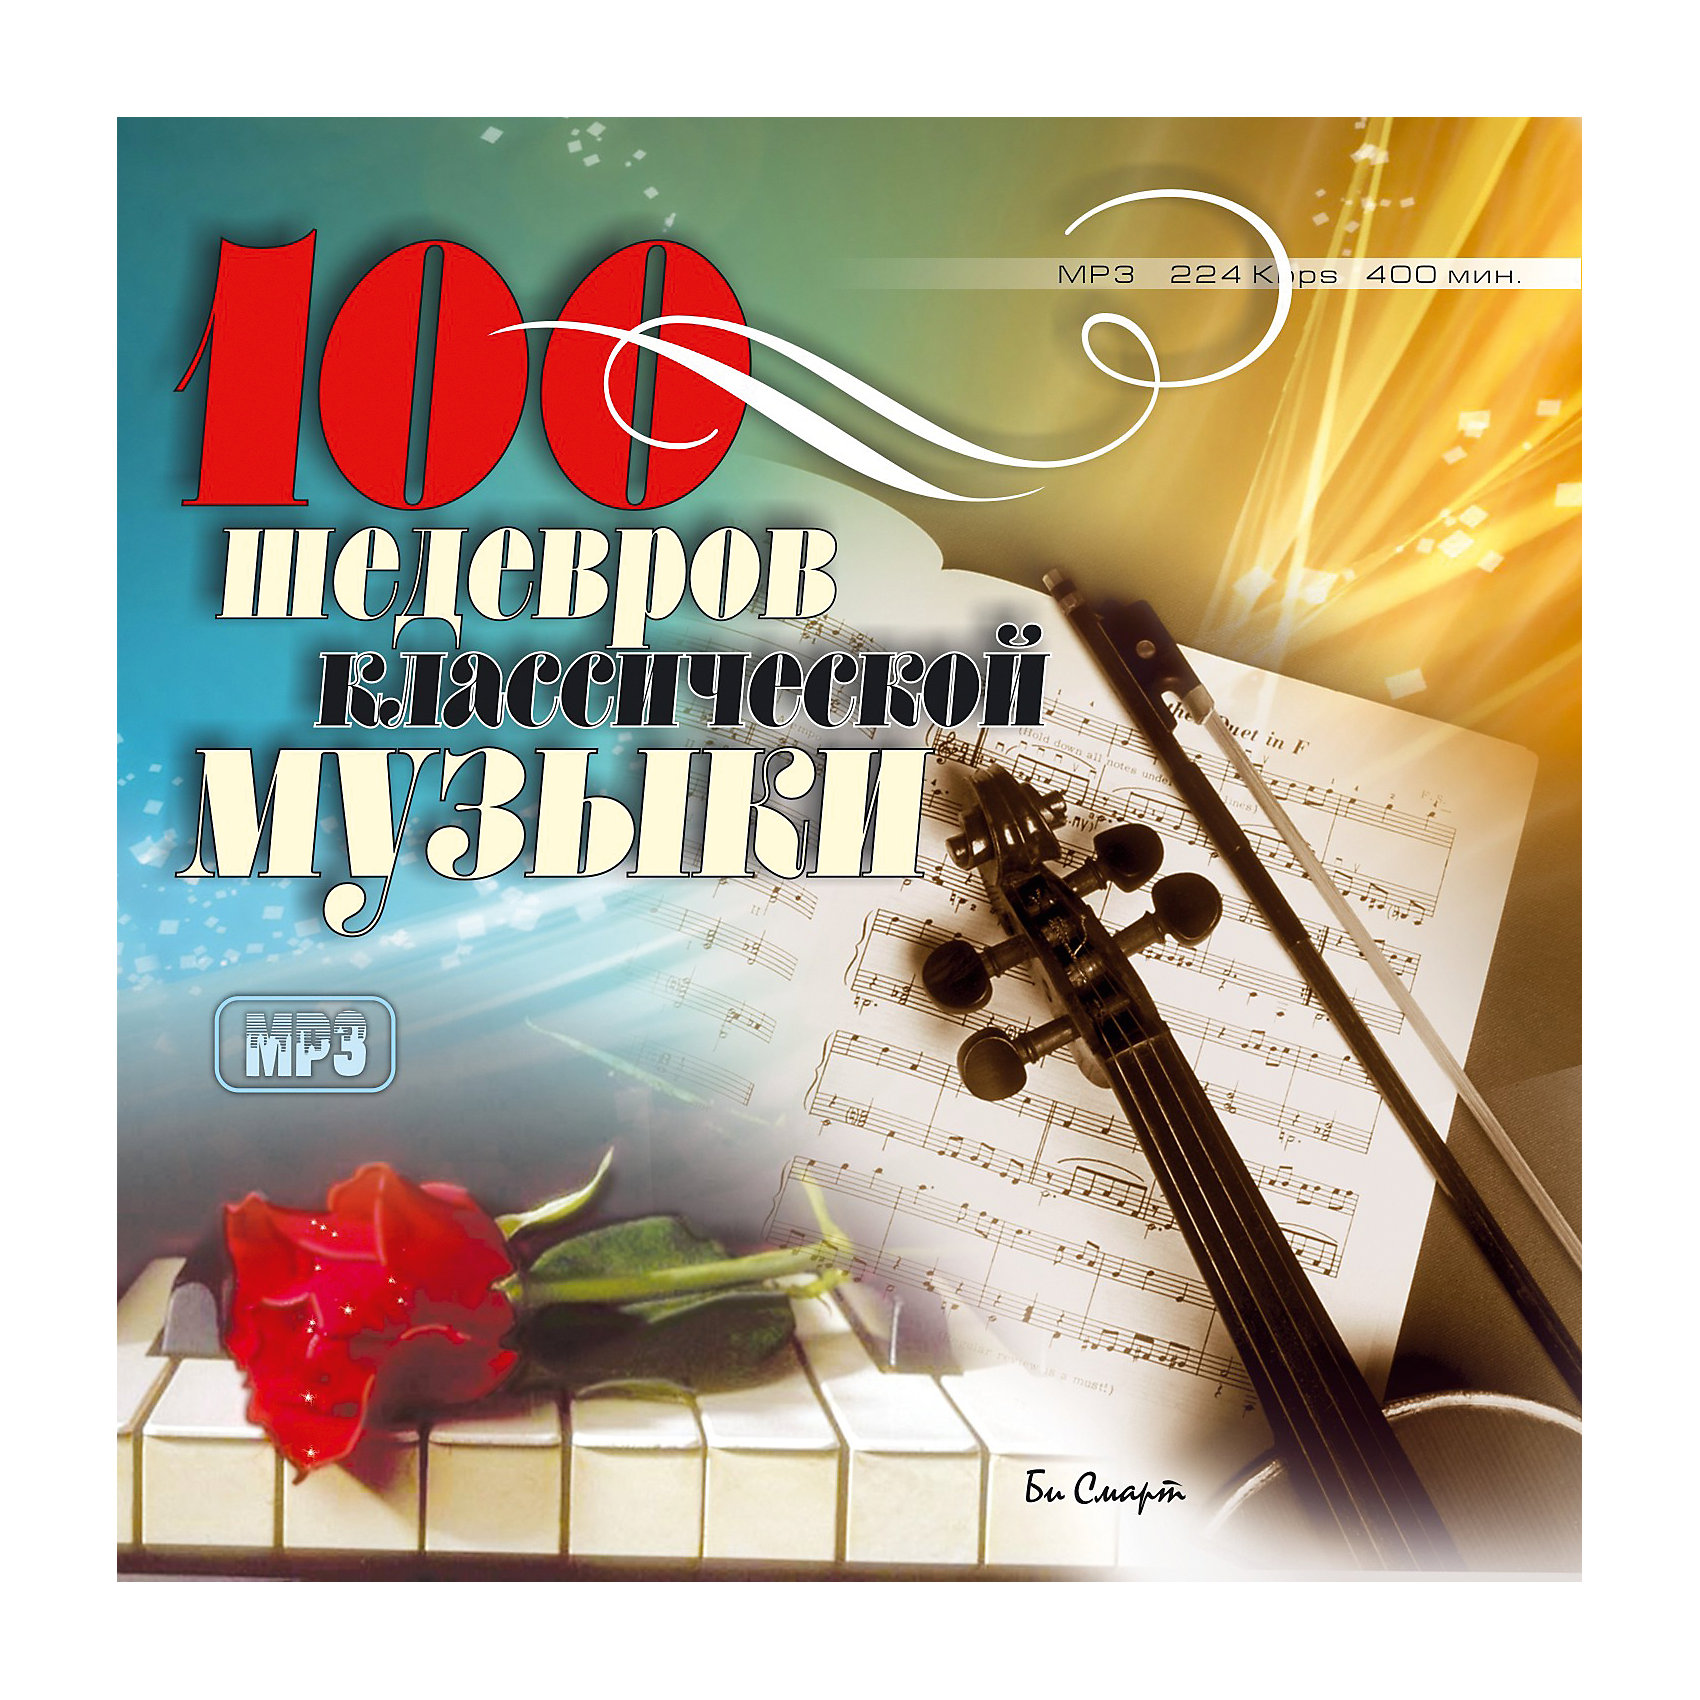 MP3 100 шедевров классической музыкиАудиокниги, DVD и CD<br>МР3 «100 шедевров мировой классики»<br>В этом диске собраны 100 хитов самой популярной классической музыки.  Каждый знает, что классическая музыка может приносить радость и растрогать до слез. Красота этих произведений неподвластна времени, и они  будут доставлять наслаждение еще не одному поколению слушателей.<br><br>Ширина мм: 142<br>Глубина мм: 100<br>Высота мм: 125<br>Вес г: 79<br>Возраст от месяцев: 36<br>Возраст до месяцев: 2147483647<br>Пол: Унисекс<br>Возраст: Детский<br>SKU: 5614914